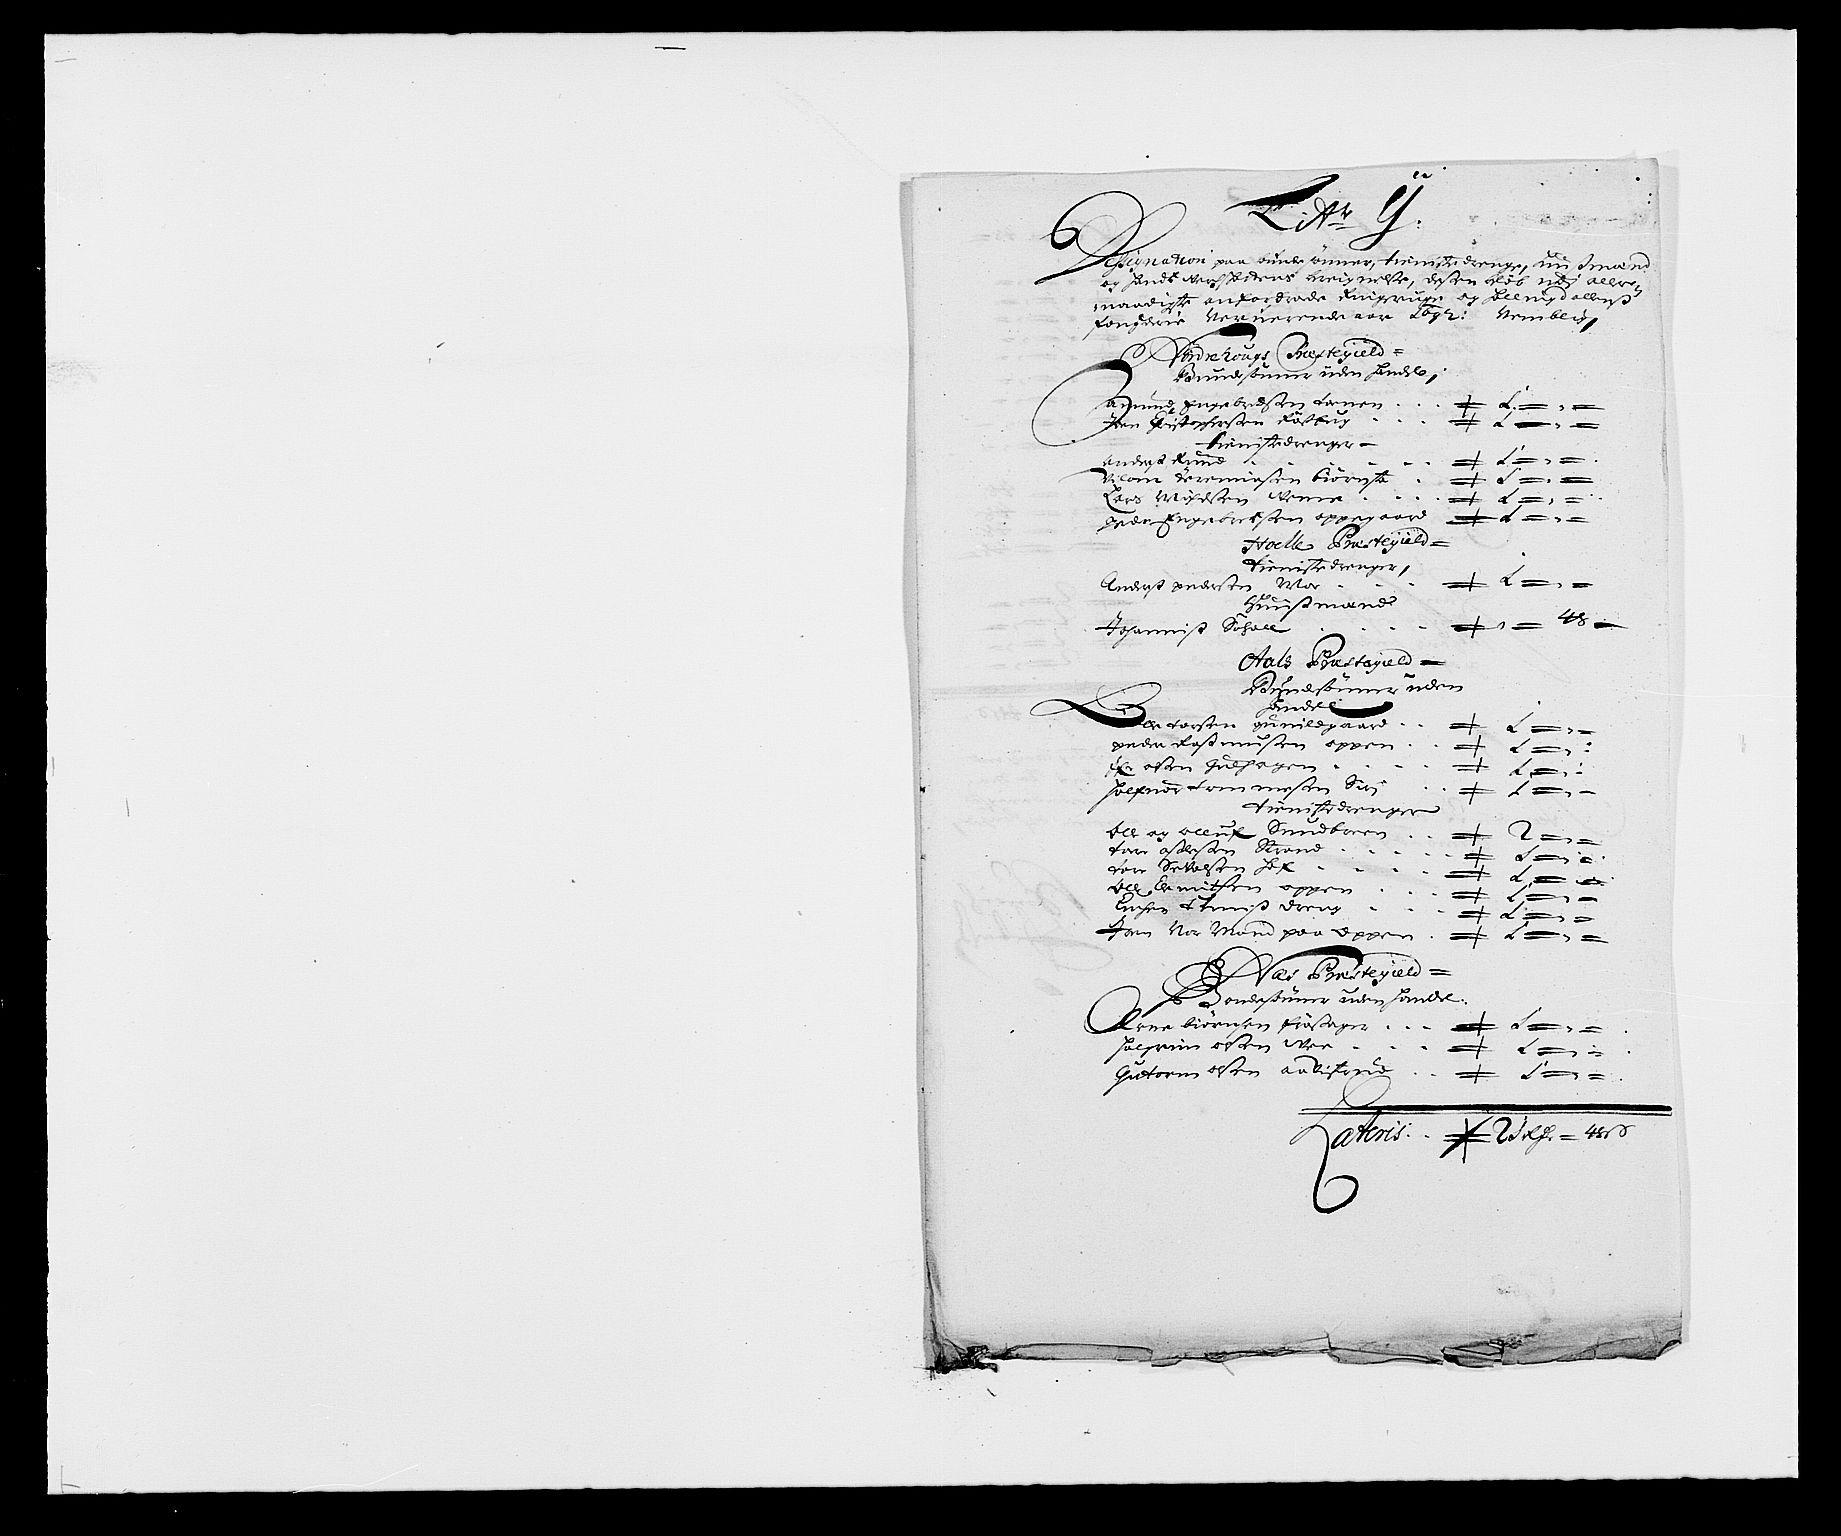 RA, Rentekammeret inntil 1814, Reviderte regnskaper, Fogderegnskap, R21/L1449: Fogderegnskap Ringerike og Hallingdal, 1690-1692, s. 121